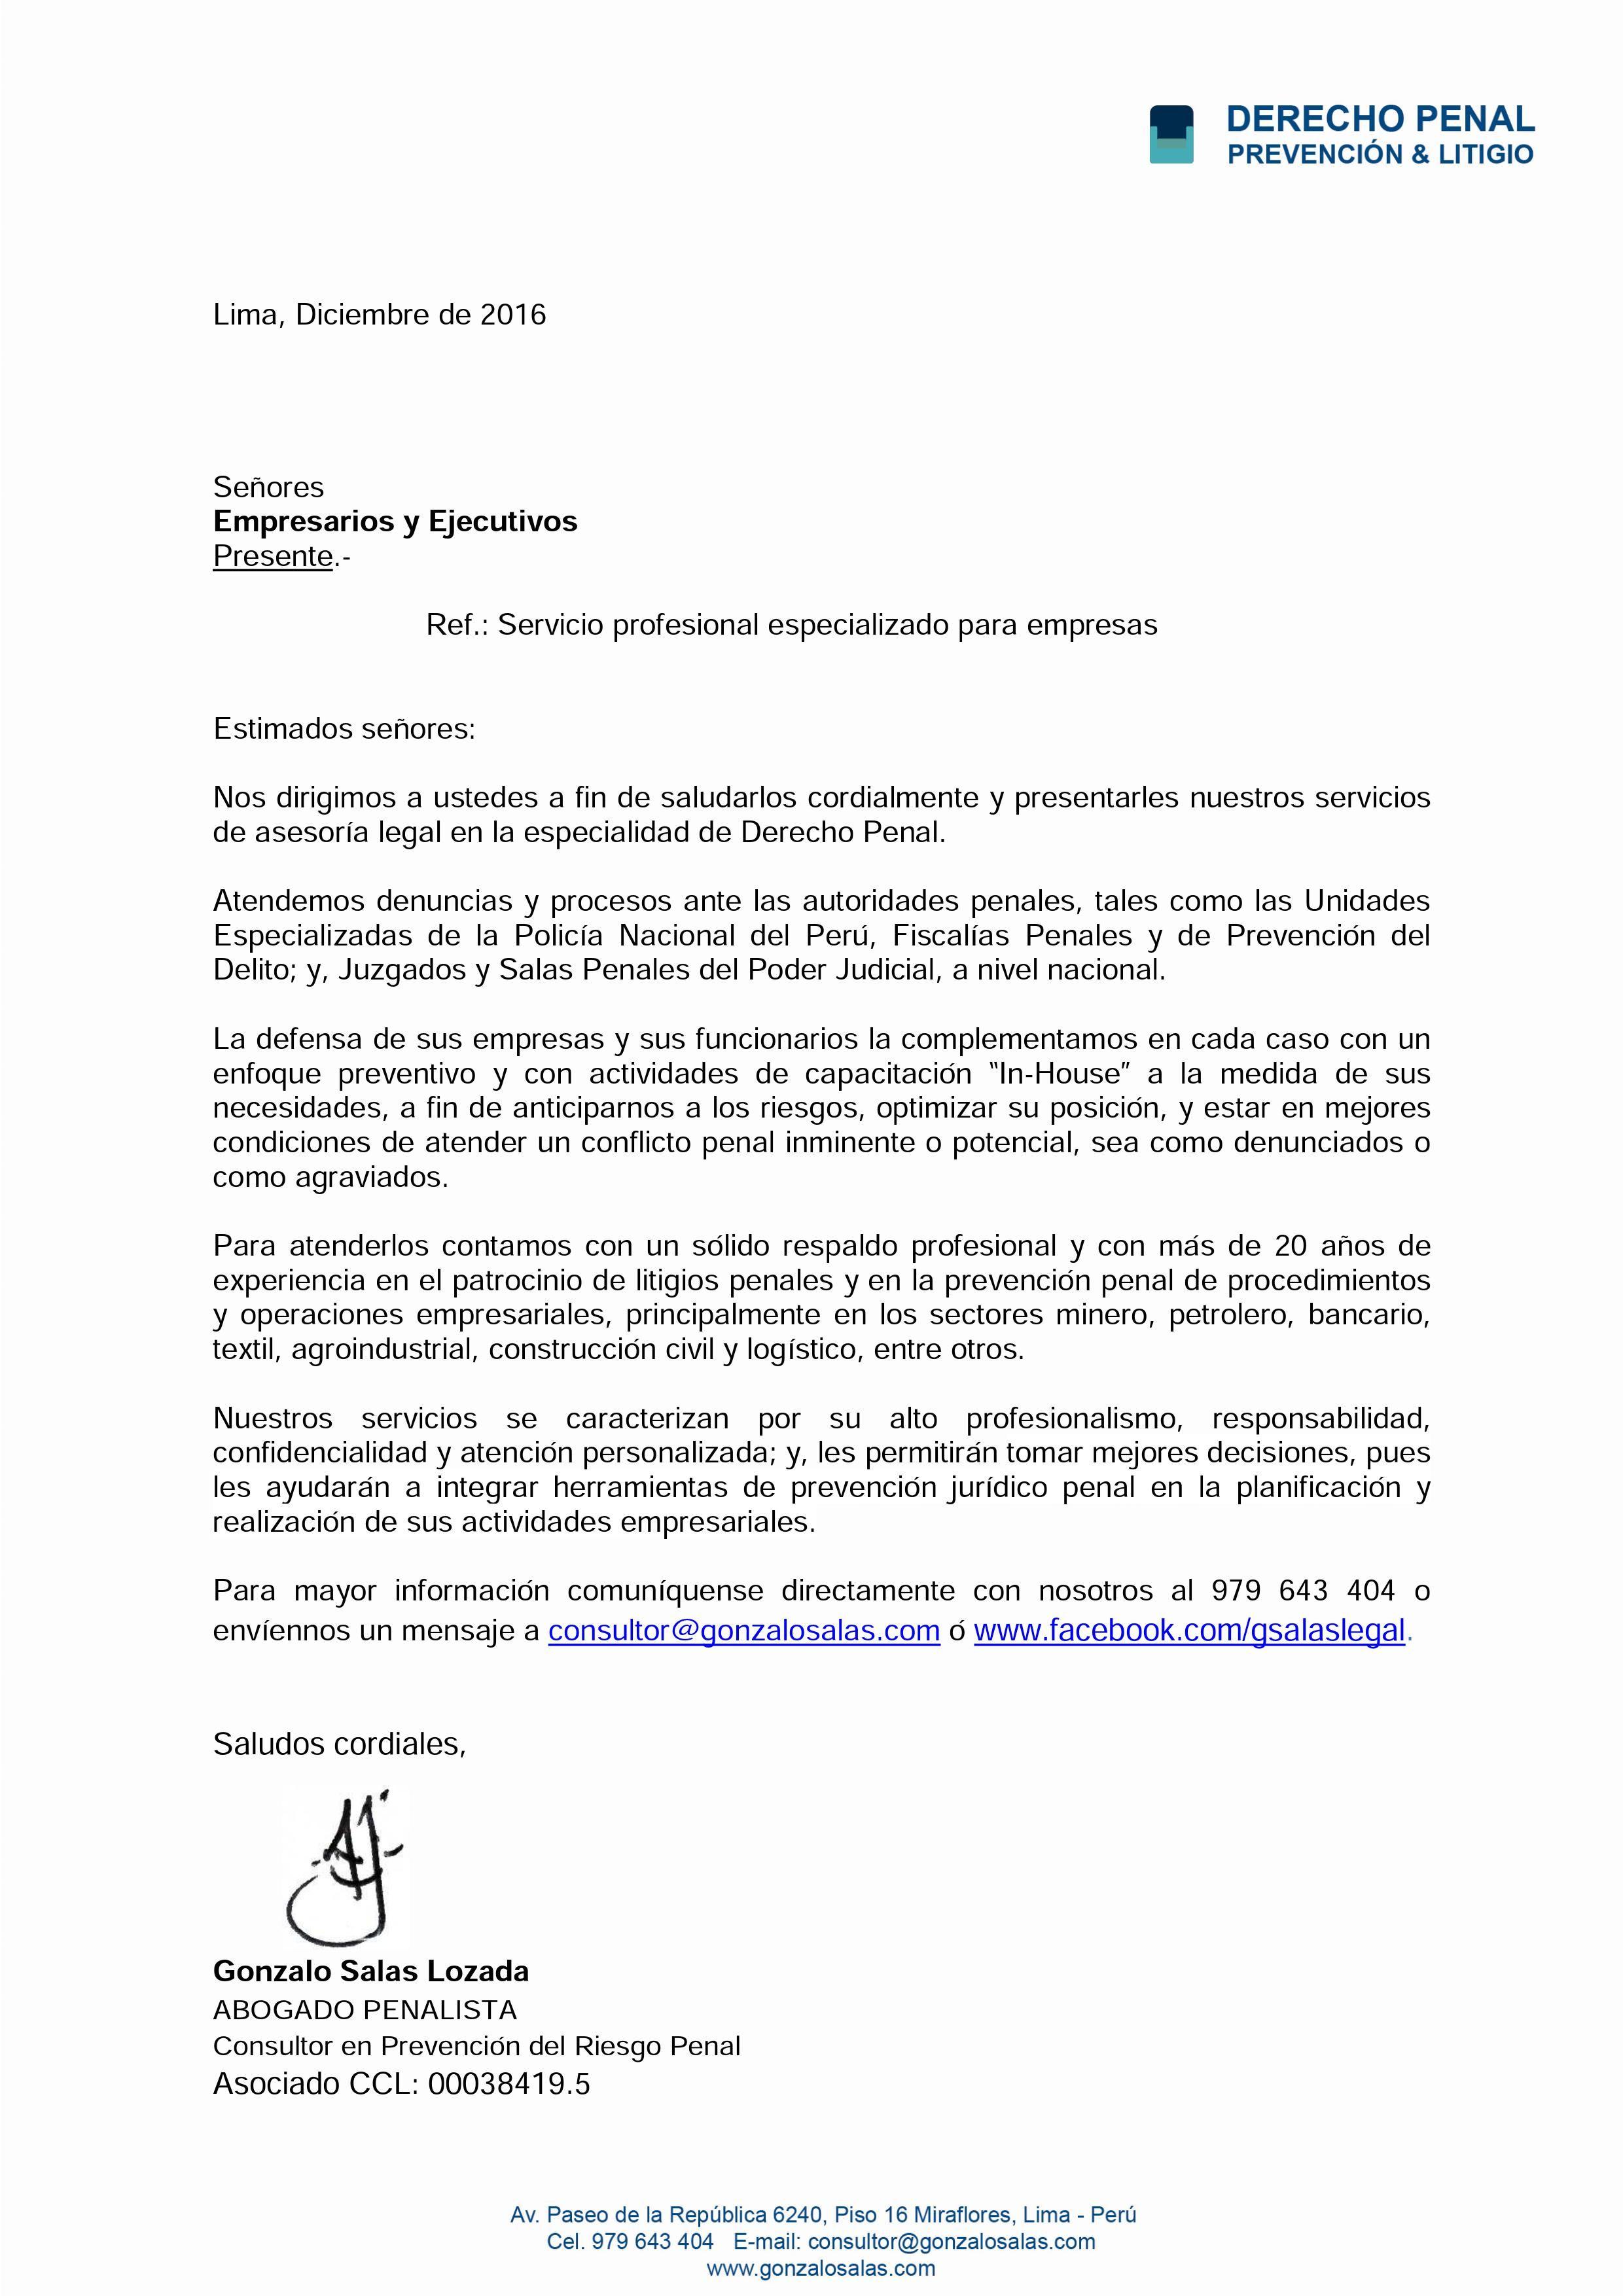 Carta De Presentación Para Empresarios Y Ejecutivos Swingers Clubs